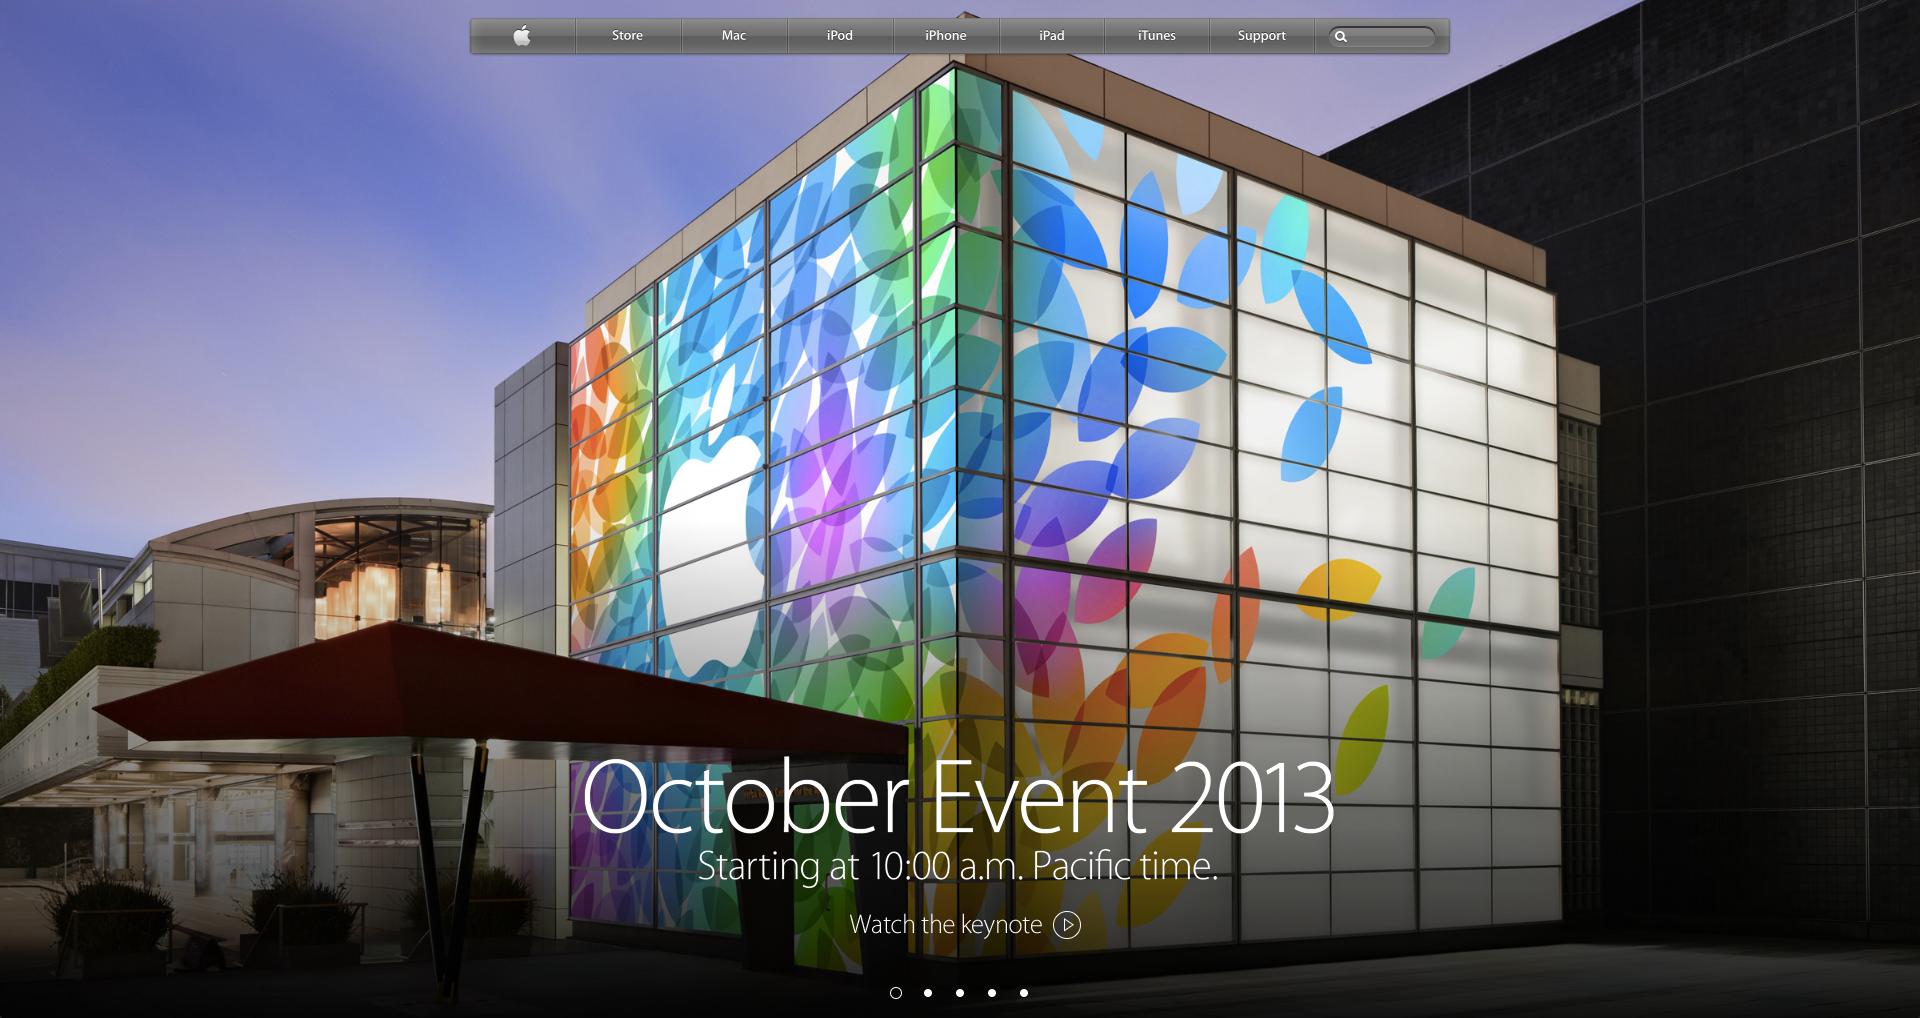 2013-10-22 - Apple Splash Page October Event 2013.png